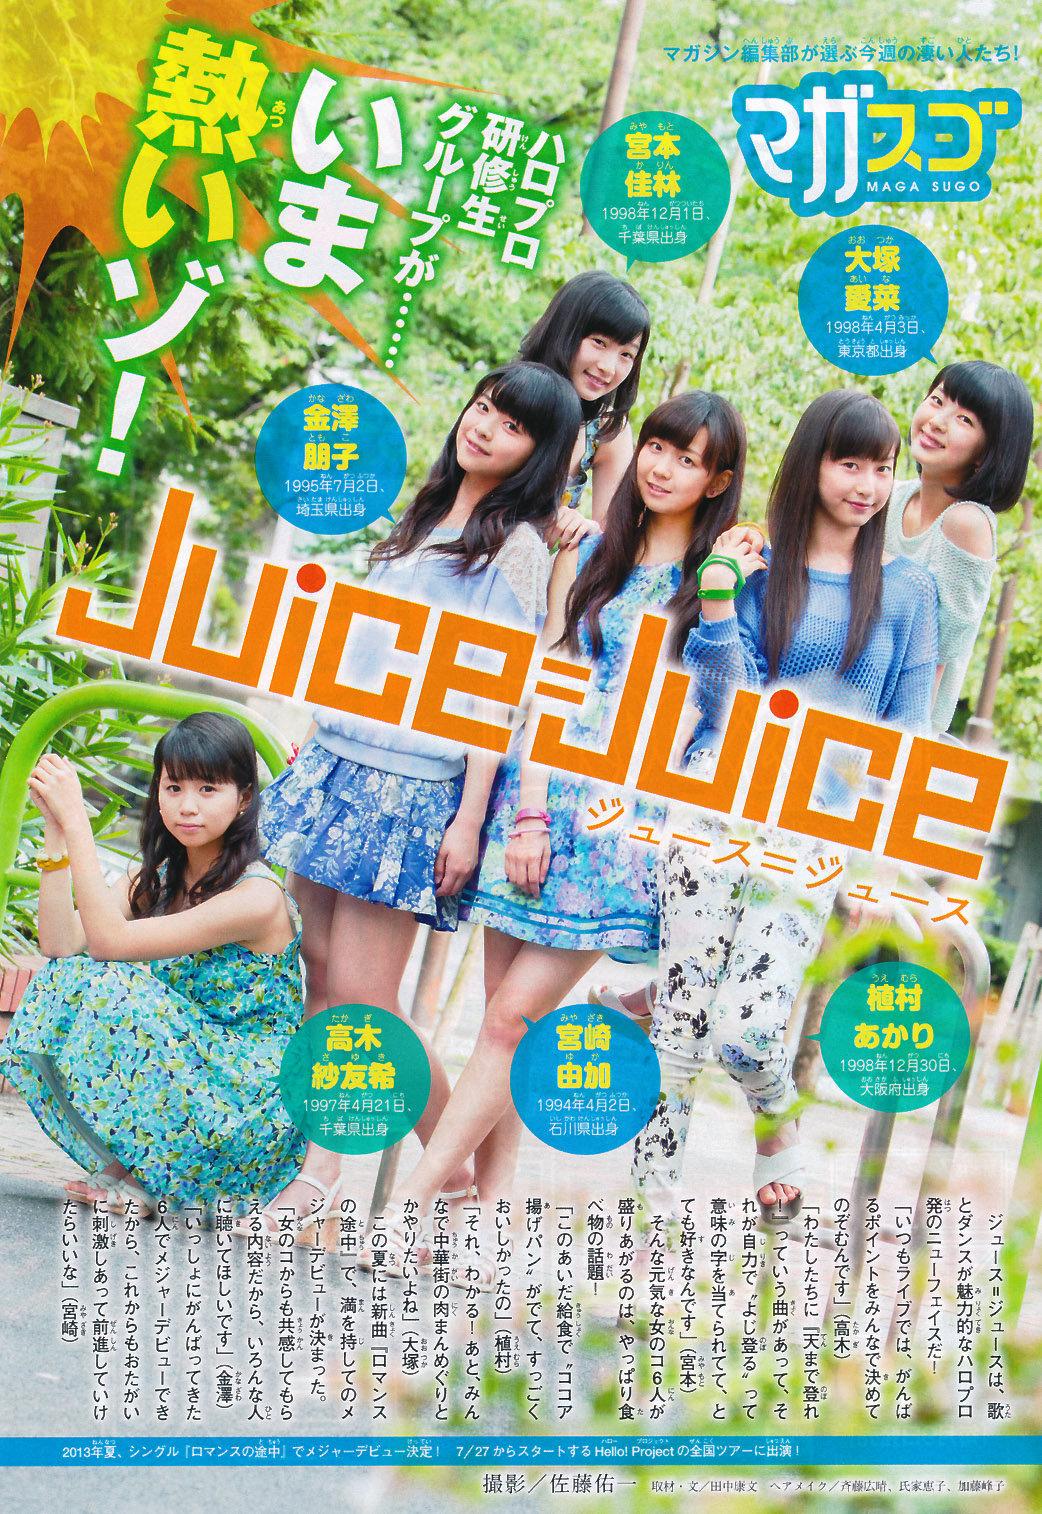 Juice=Juice,%20Kanazawa%20Tomoko,%20Maga